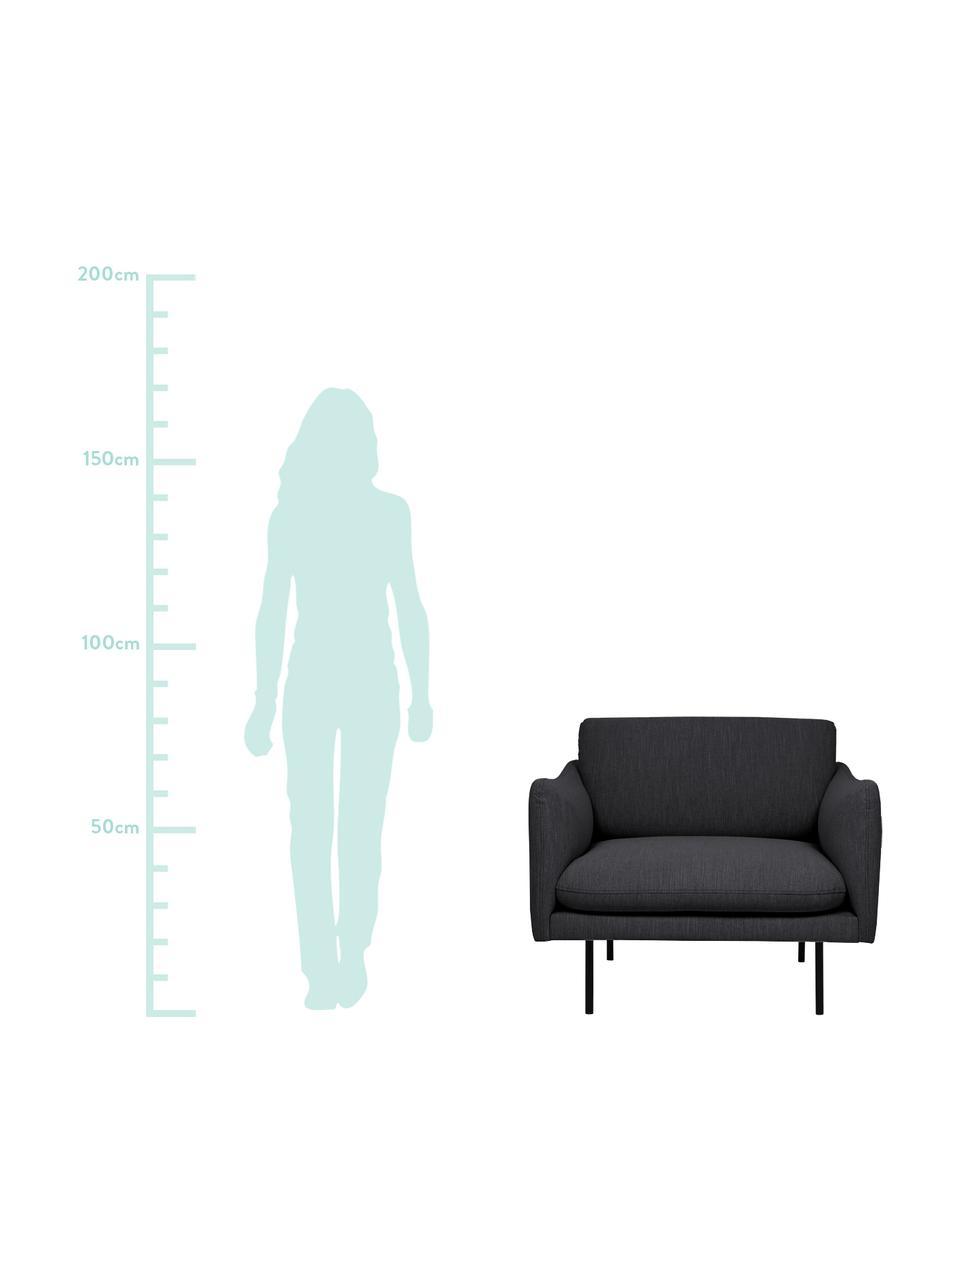 Fotel z metalowymi nogami Moby, Tapicerka: poliester Dzięki tkaninie, Tapicerka: pianka na zawieszeniu spr, Nogi: metal malowany proszkowo, Ciemnyszary, S 90 x G 90 cm